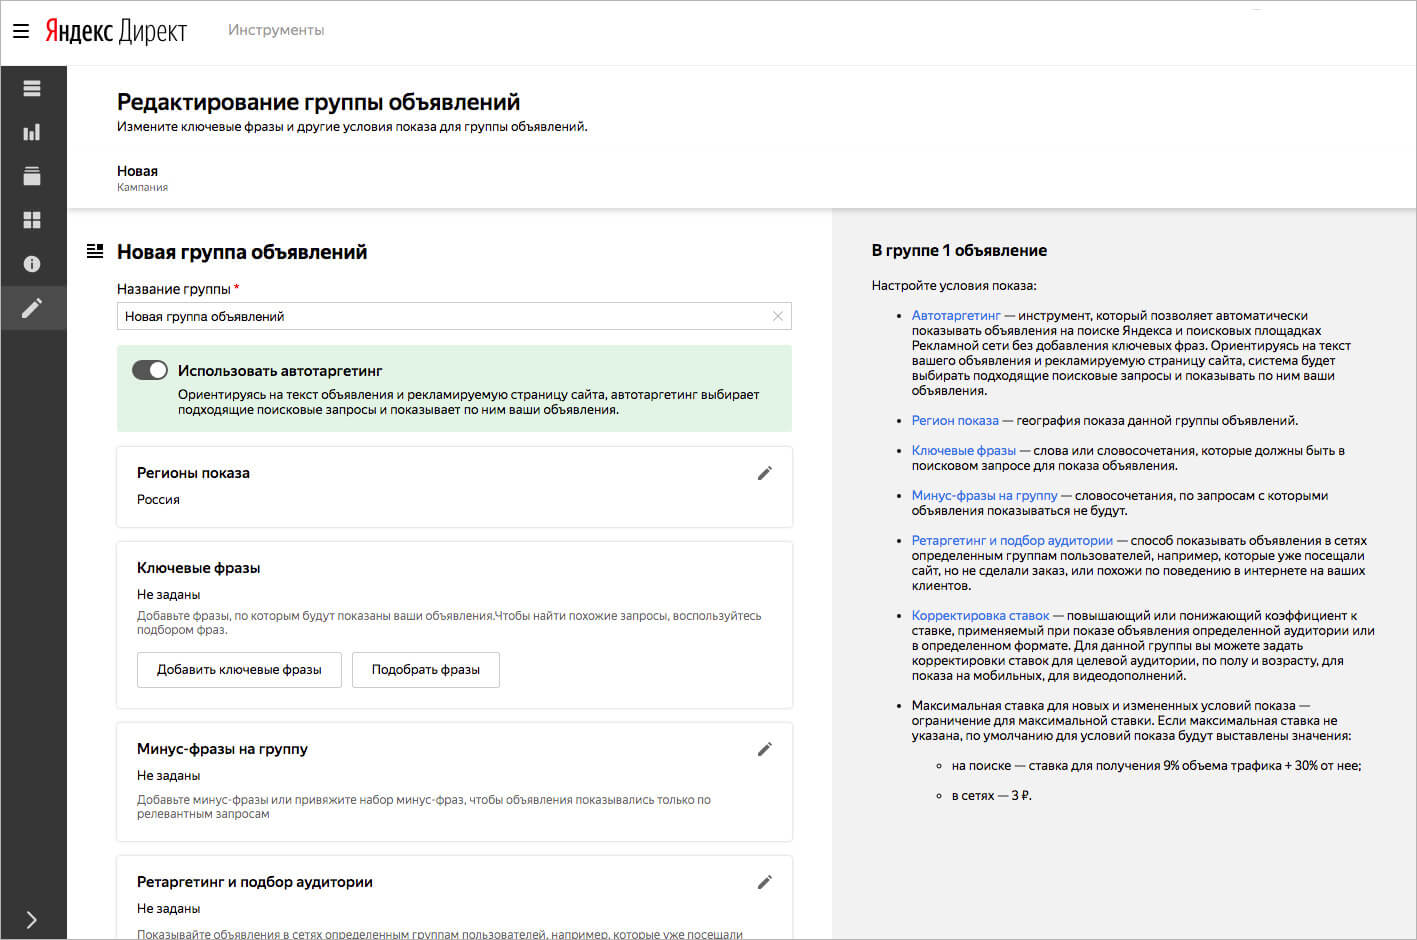 Яндекс.Директ обновил страницу редактирования групп объявлений